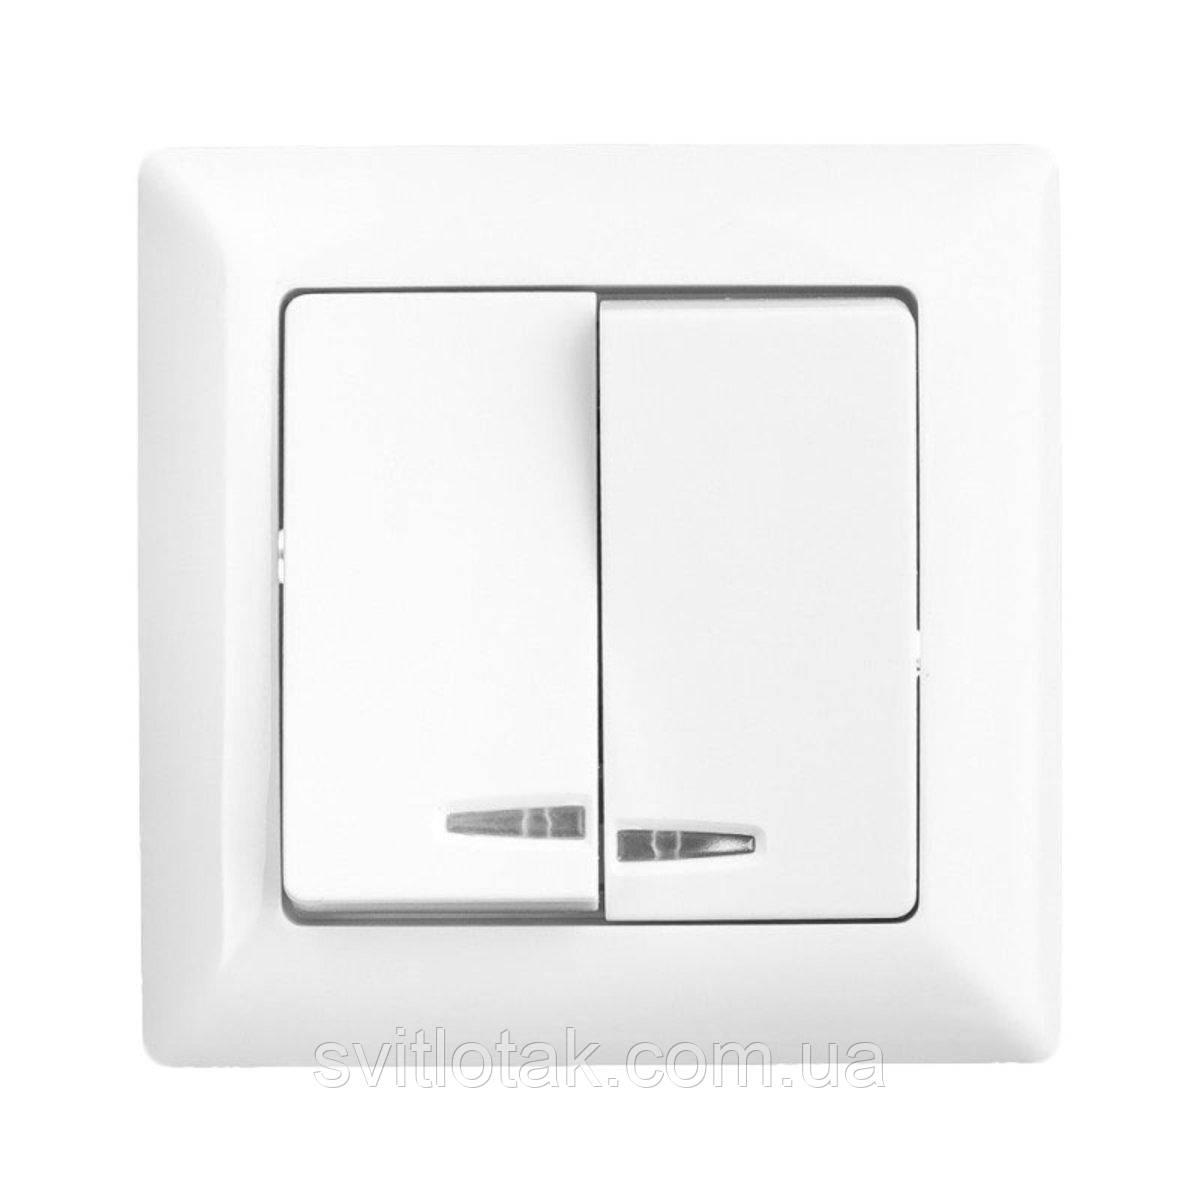 Lectris выключатель 2-ой с подсветкой белый